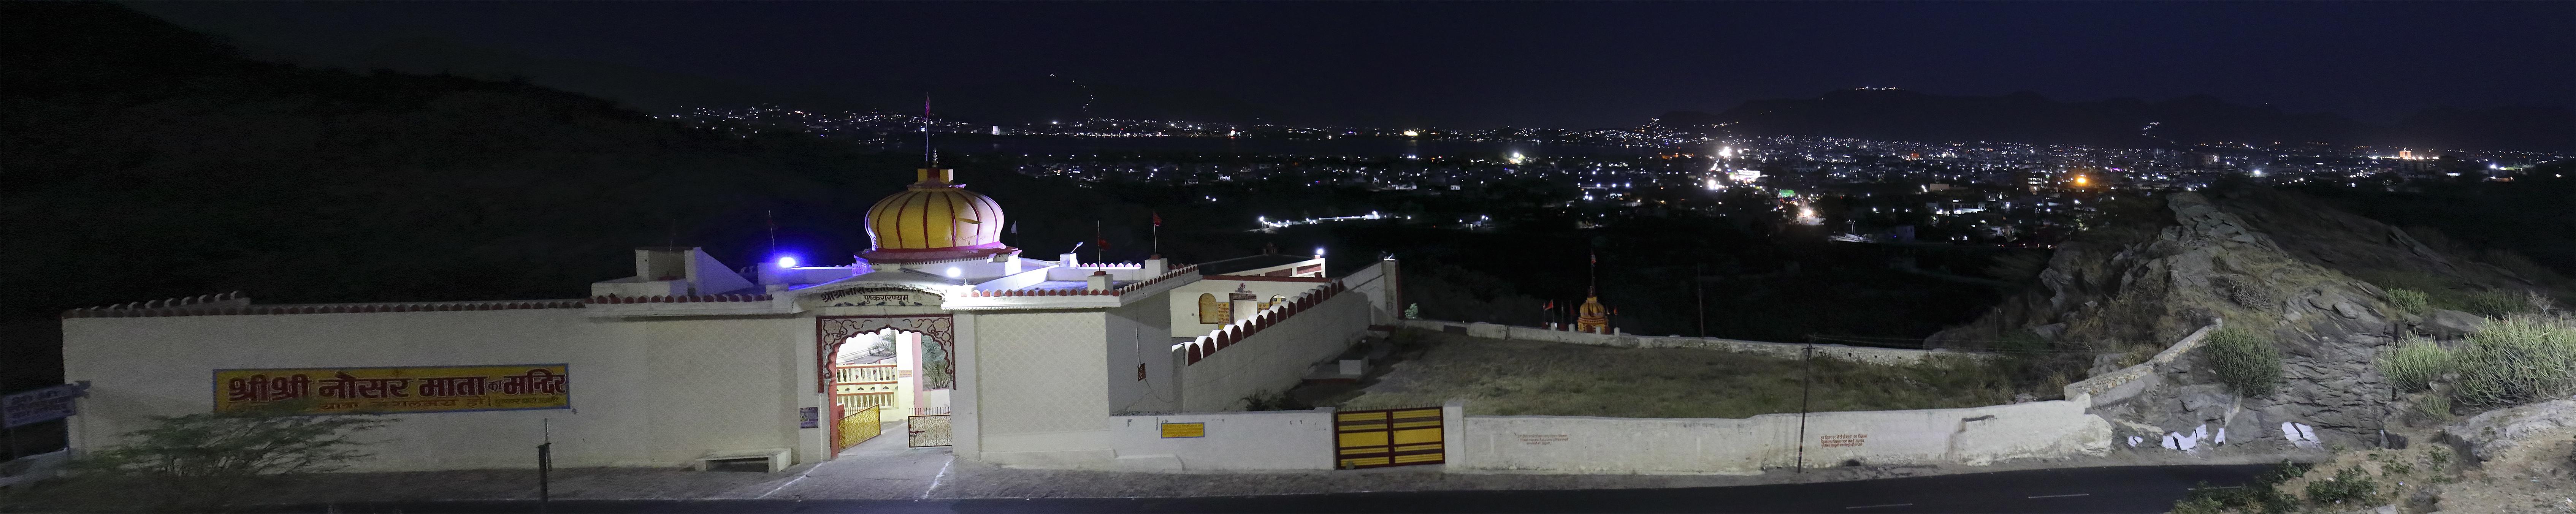 Панорама_Пушкар ночью